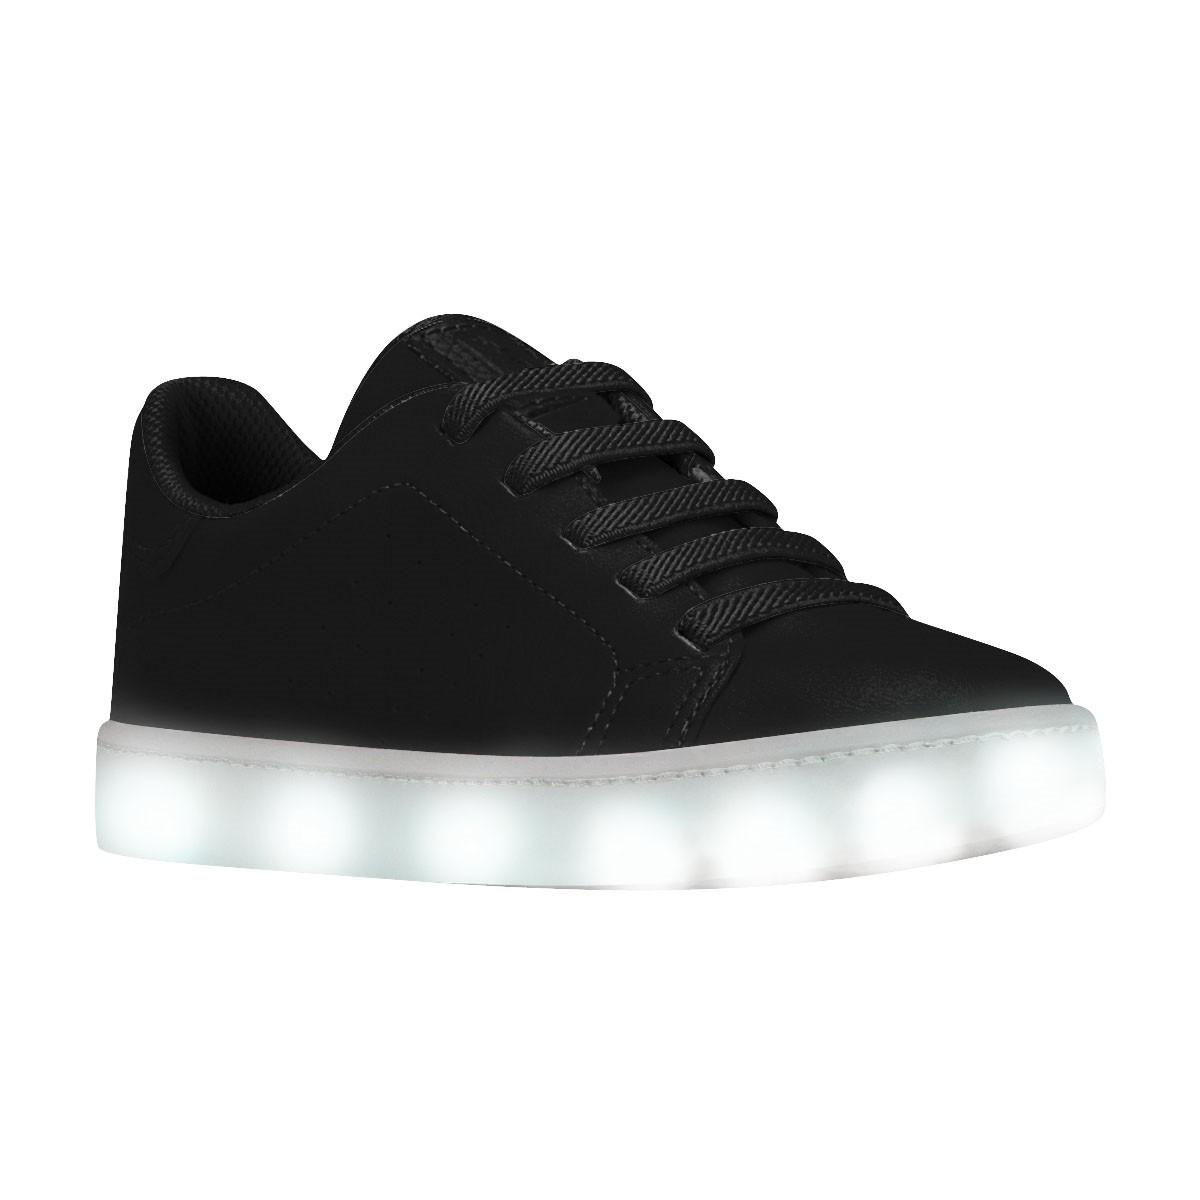 d49be5abb Bizz Store - Tênis Infantil Bibi Luzinhas de LED Clique-se Preto